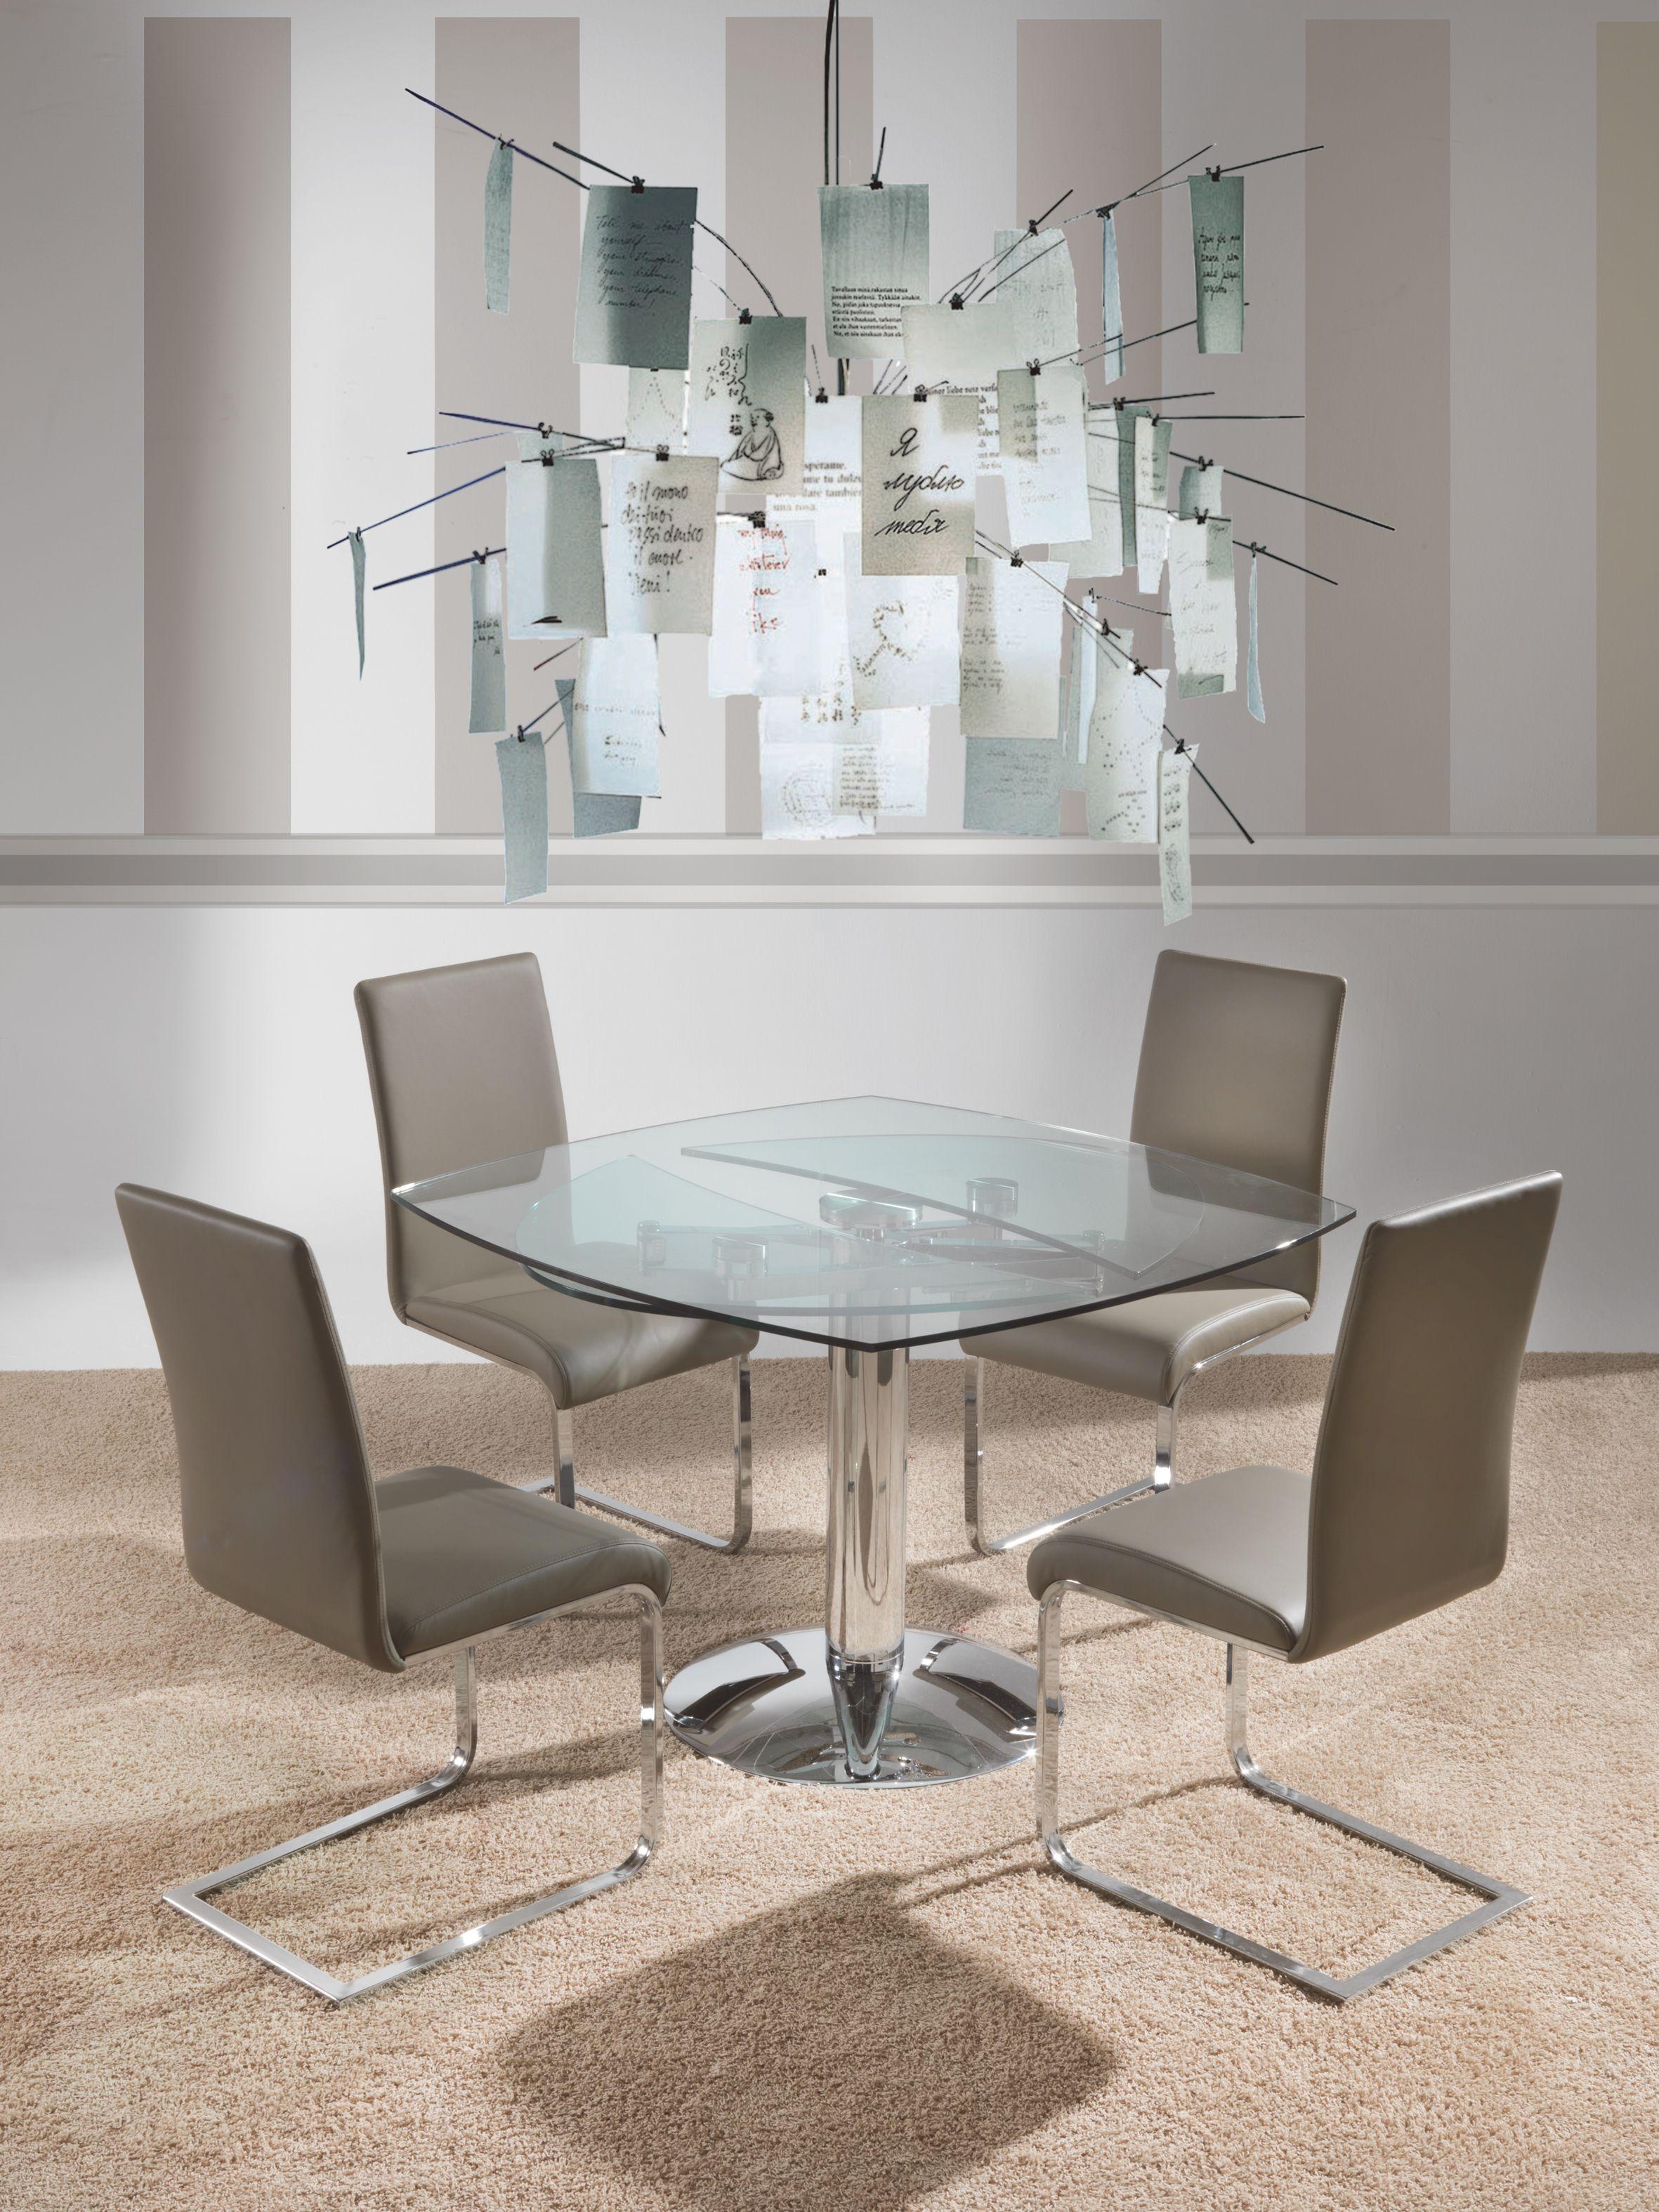 Sedia modello Kant 299 con struttura in metallo cromato e rivestita